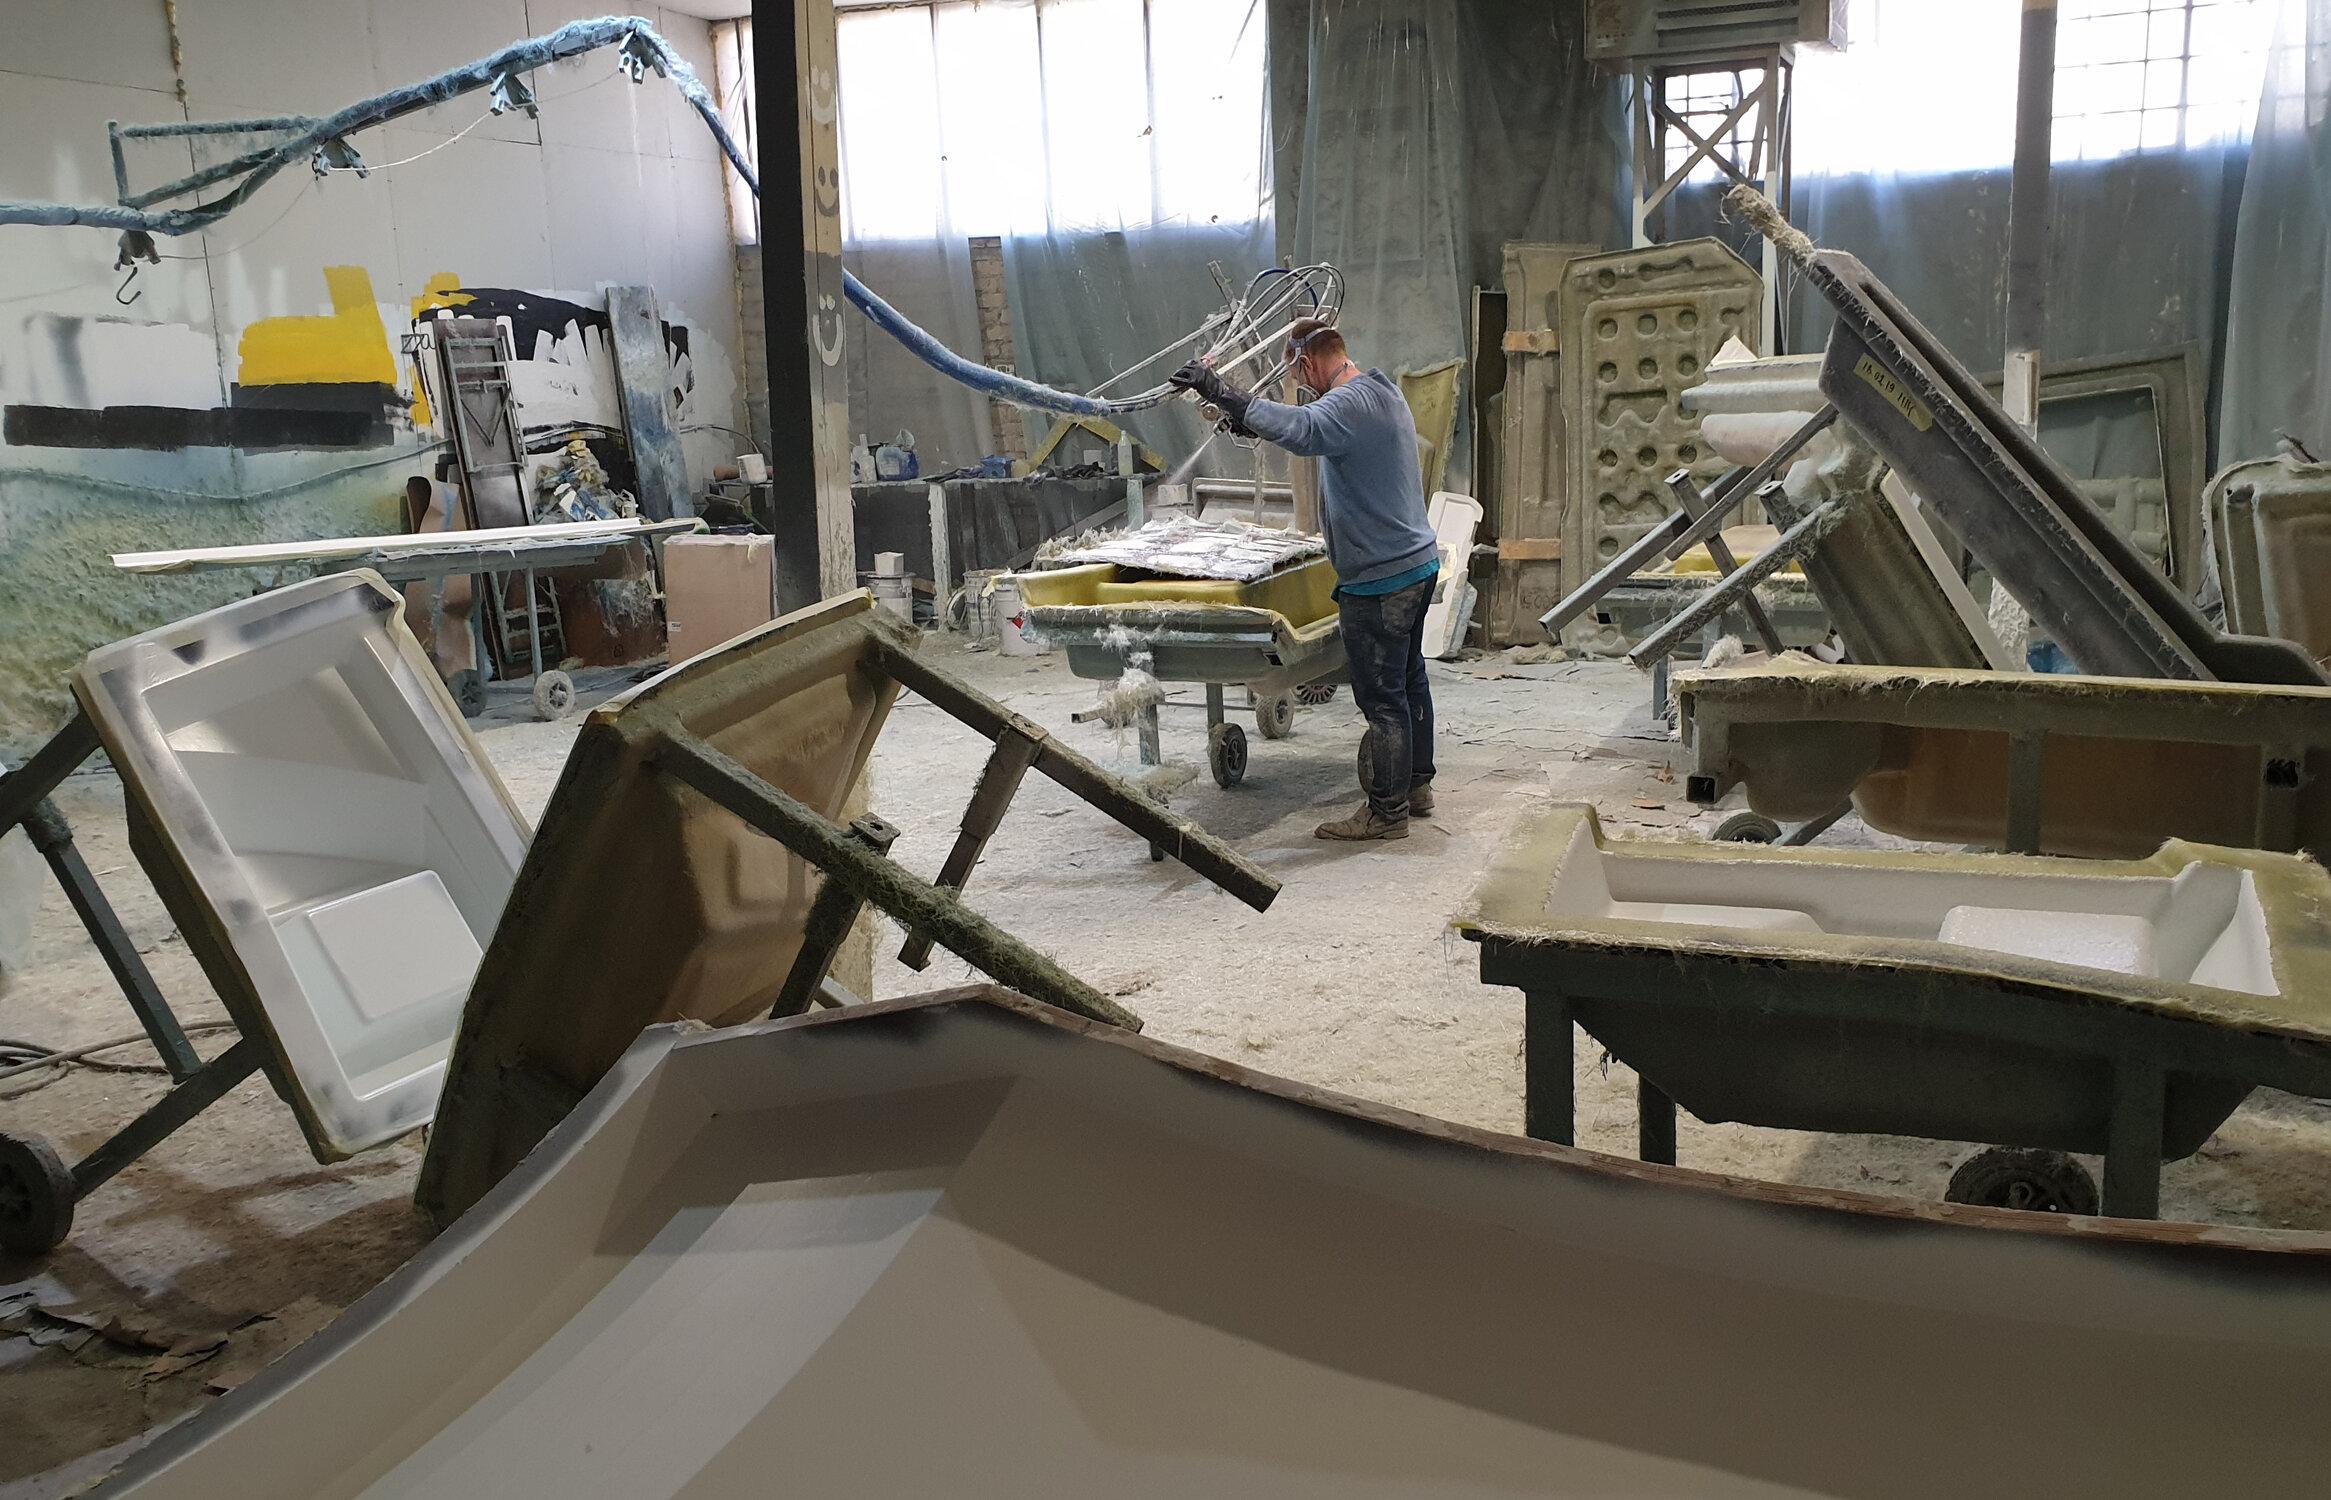 - Tuotantolaitoksemme Suomessa ja Eestissä sekä yhteistyökumppanimme Puolassa mahdollistavat aina oikean tuotantomenetelmän valitsemisen, laadun ja kilpailukyvyn tuotteellesi.